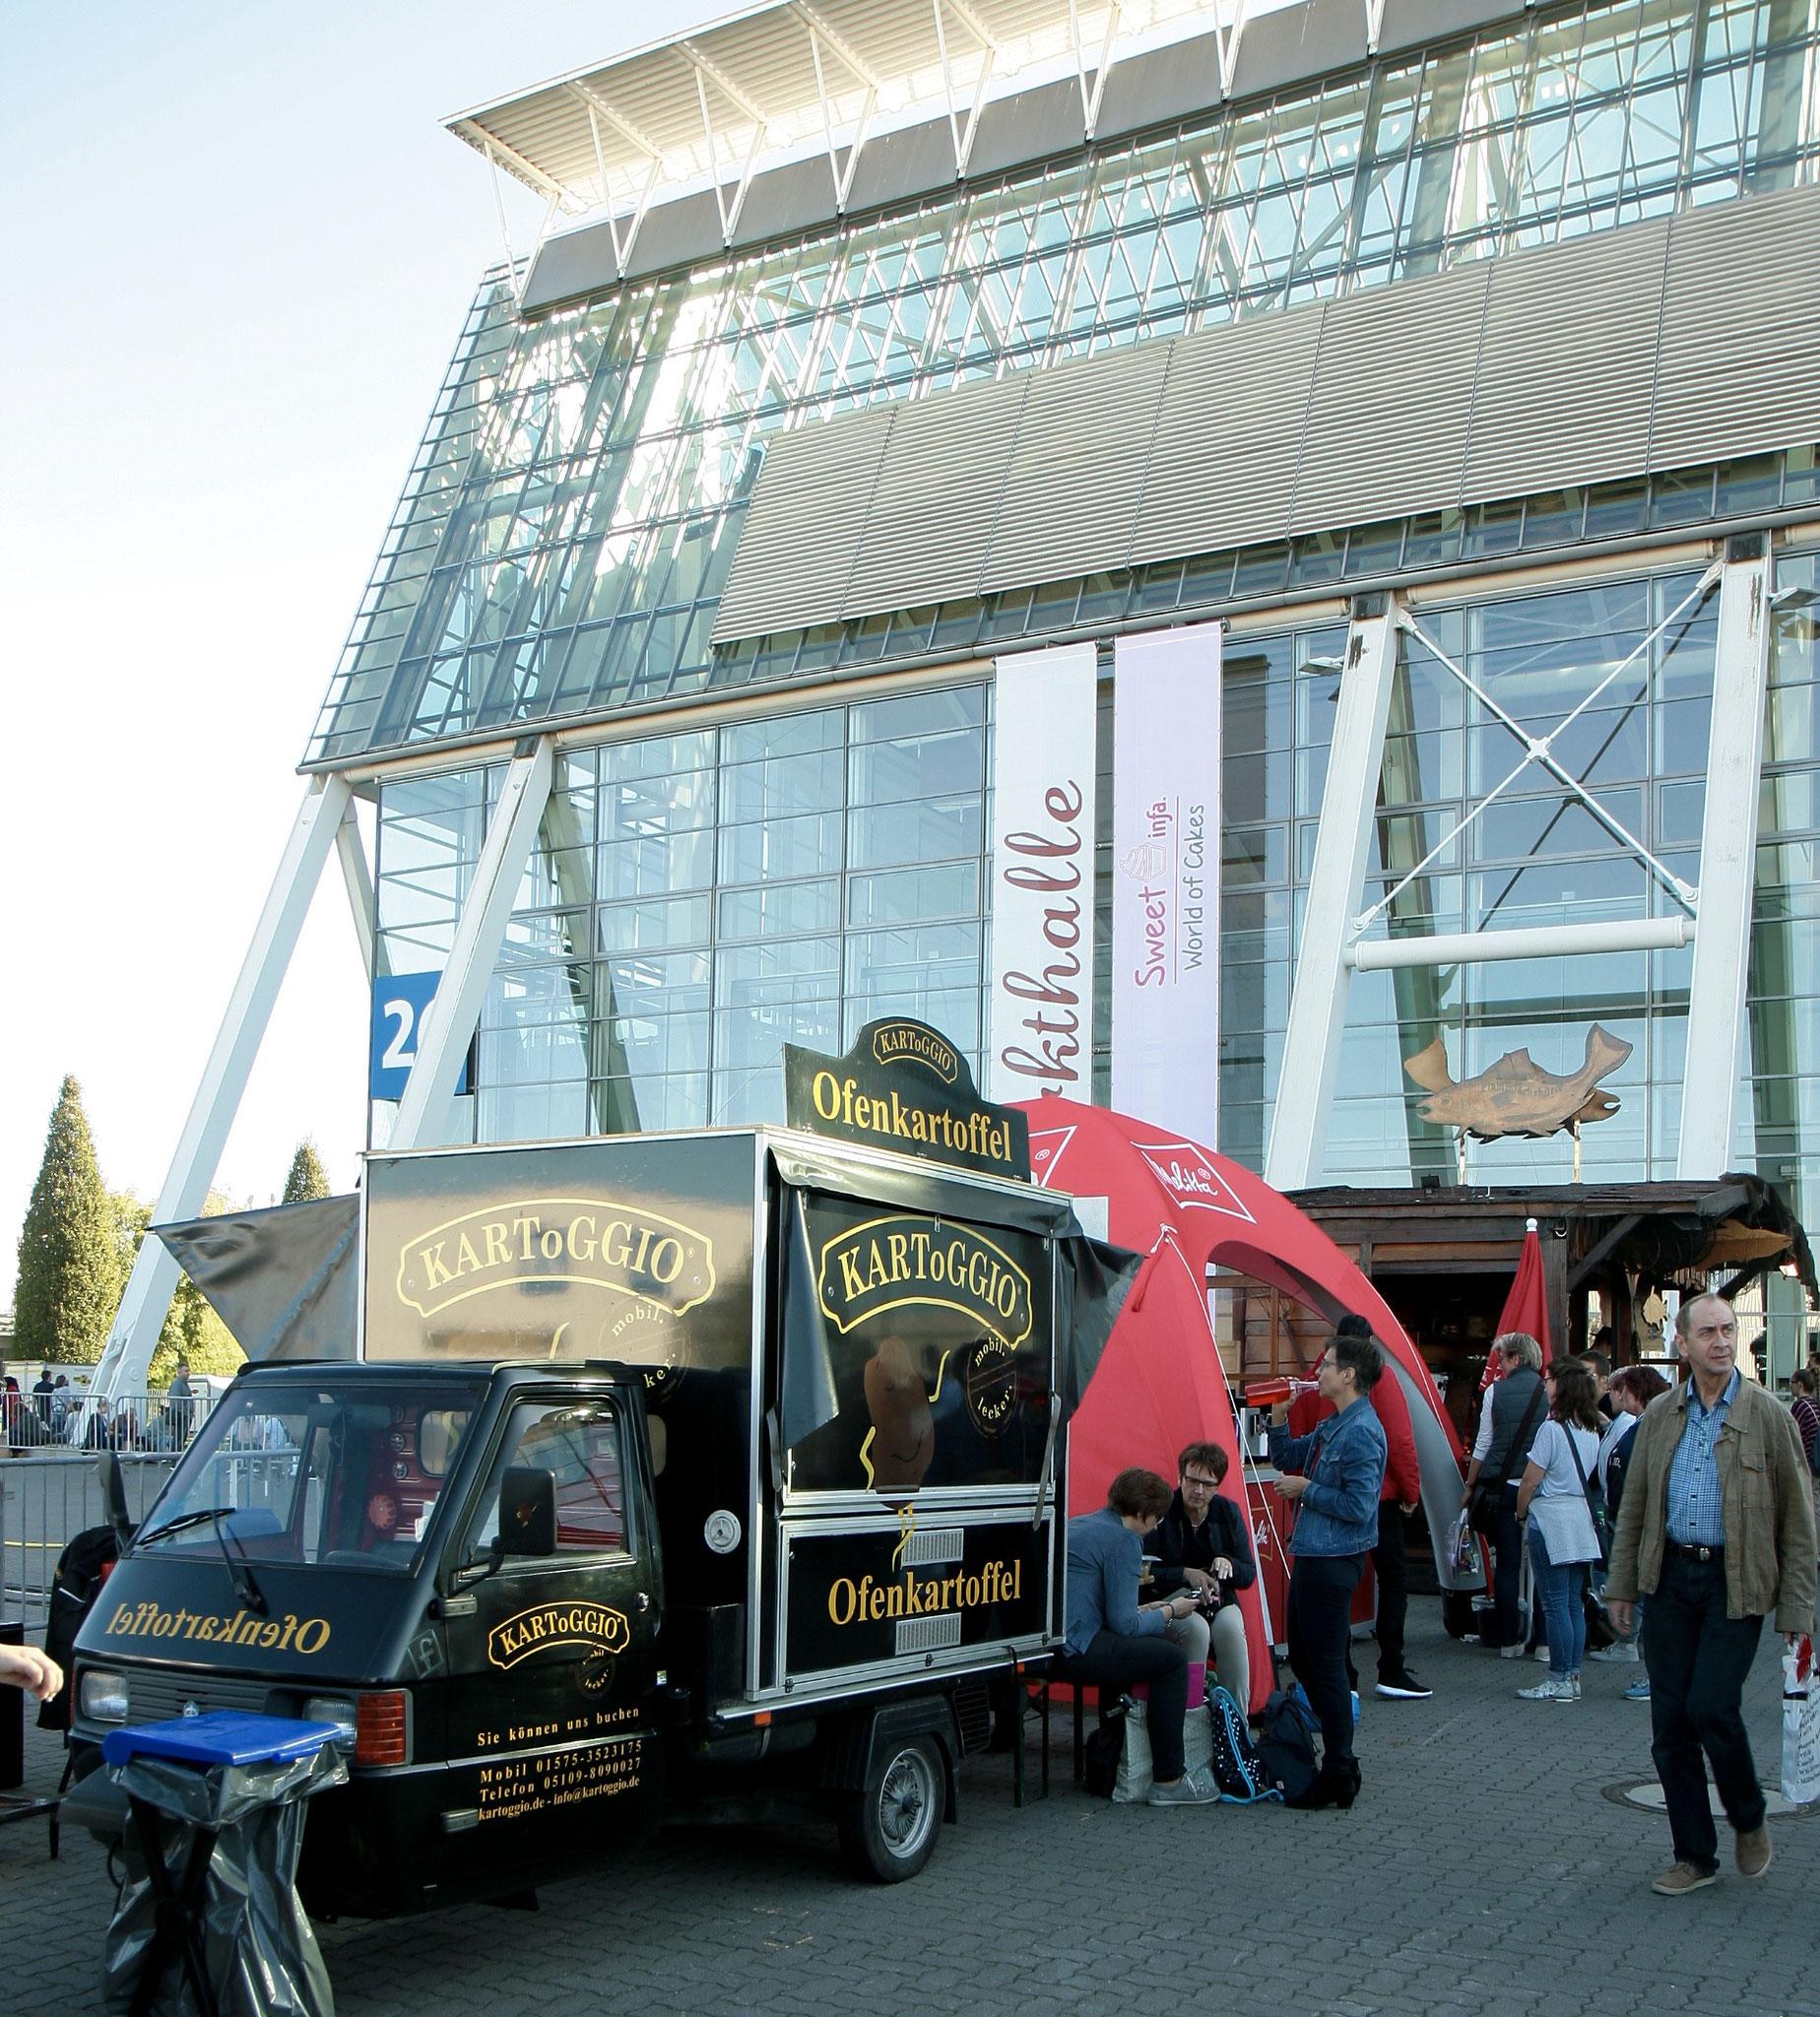 infa 2017 - Deutschlands größte Erlebnis und Einkaufsmesse mit KARToGGIO®